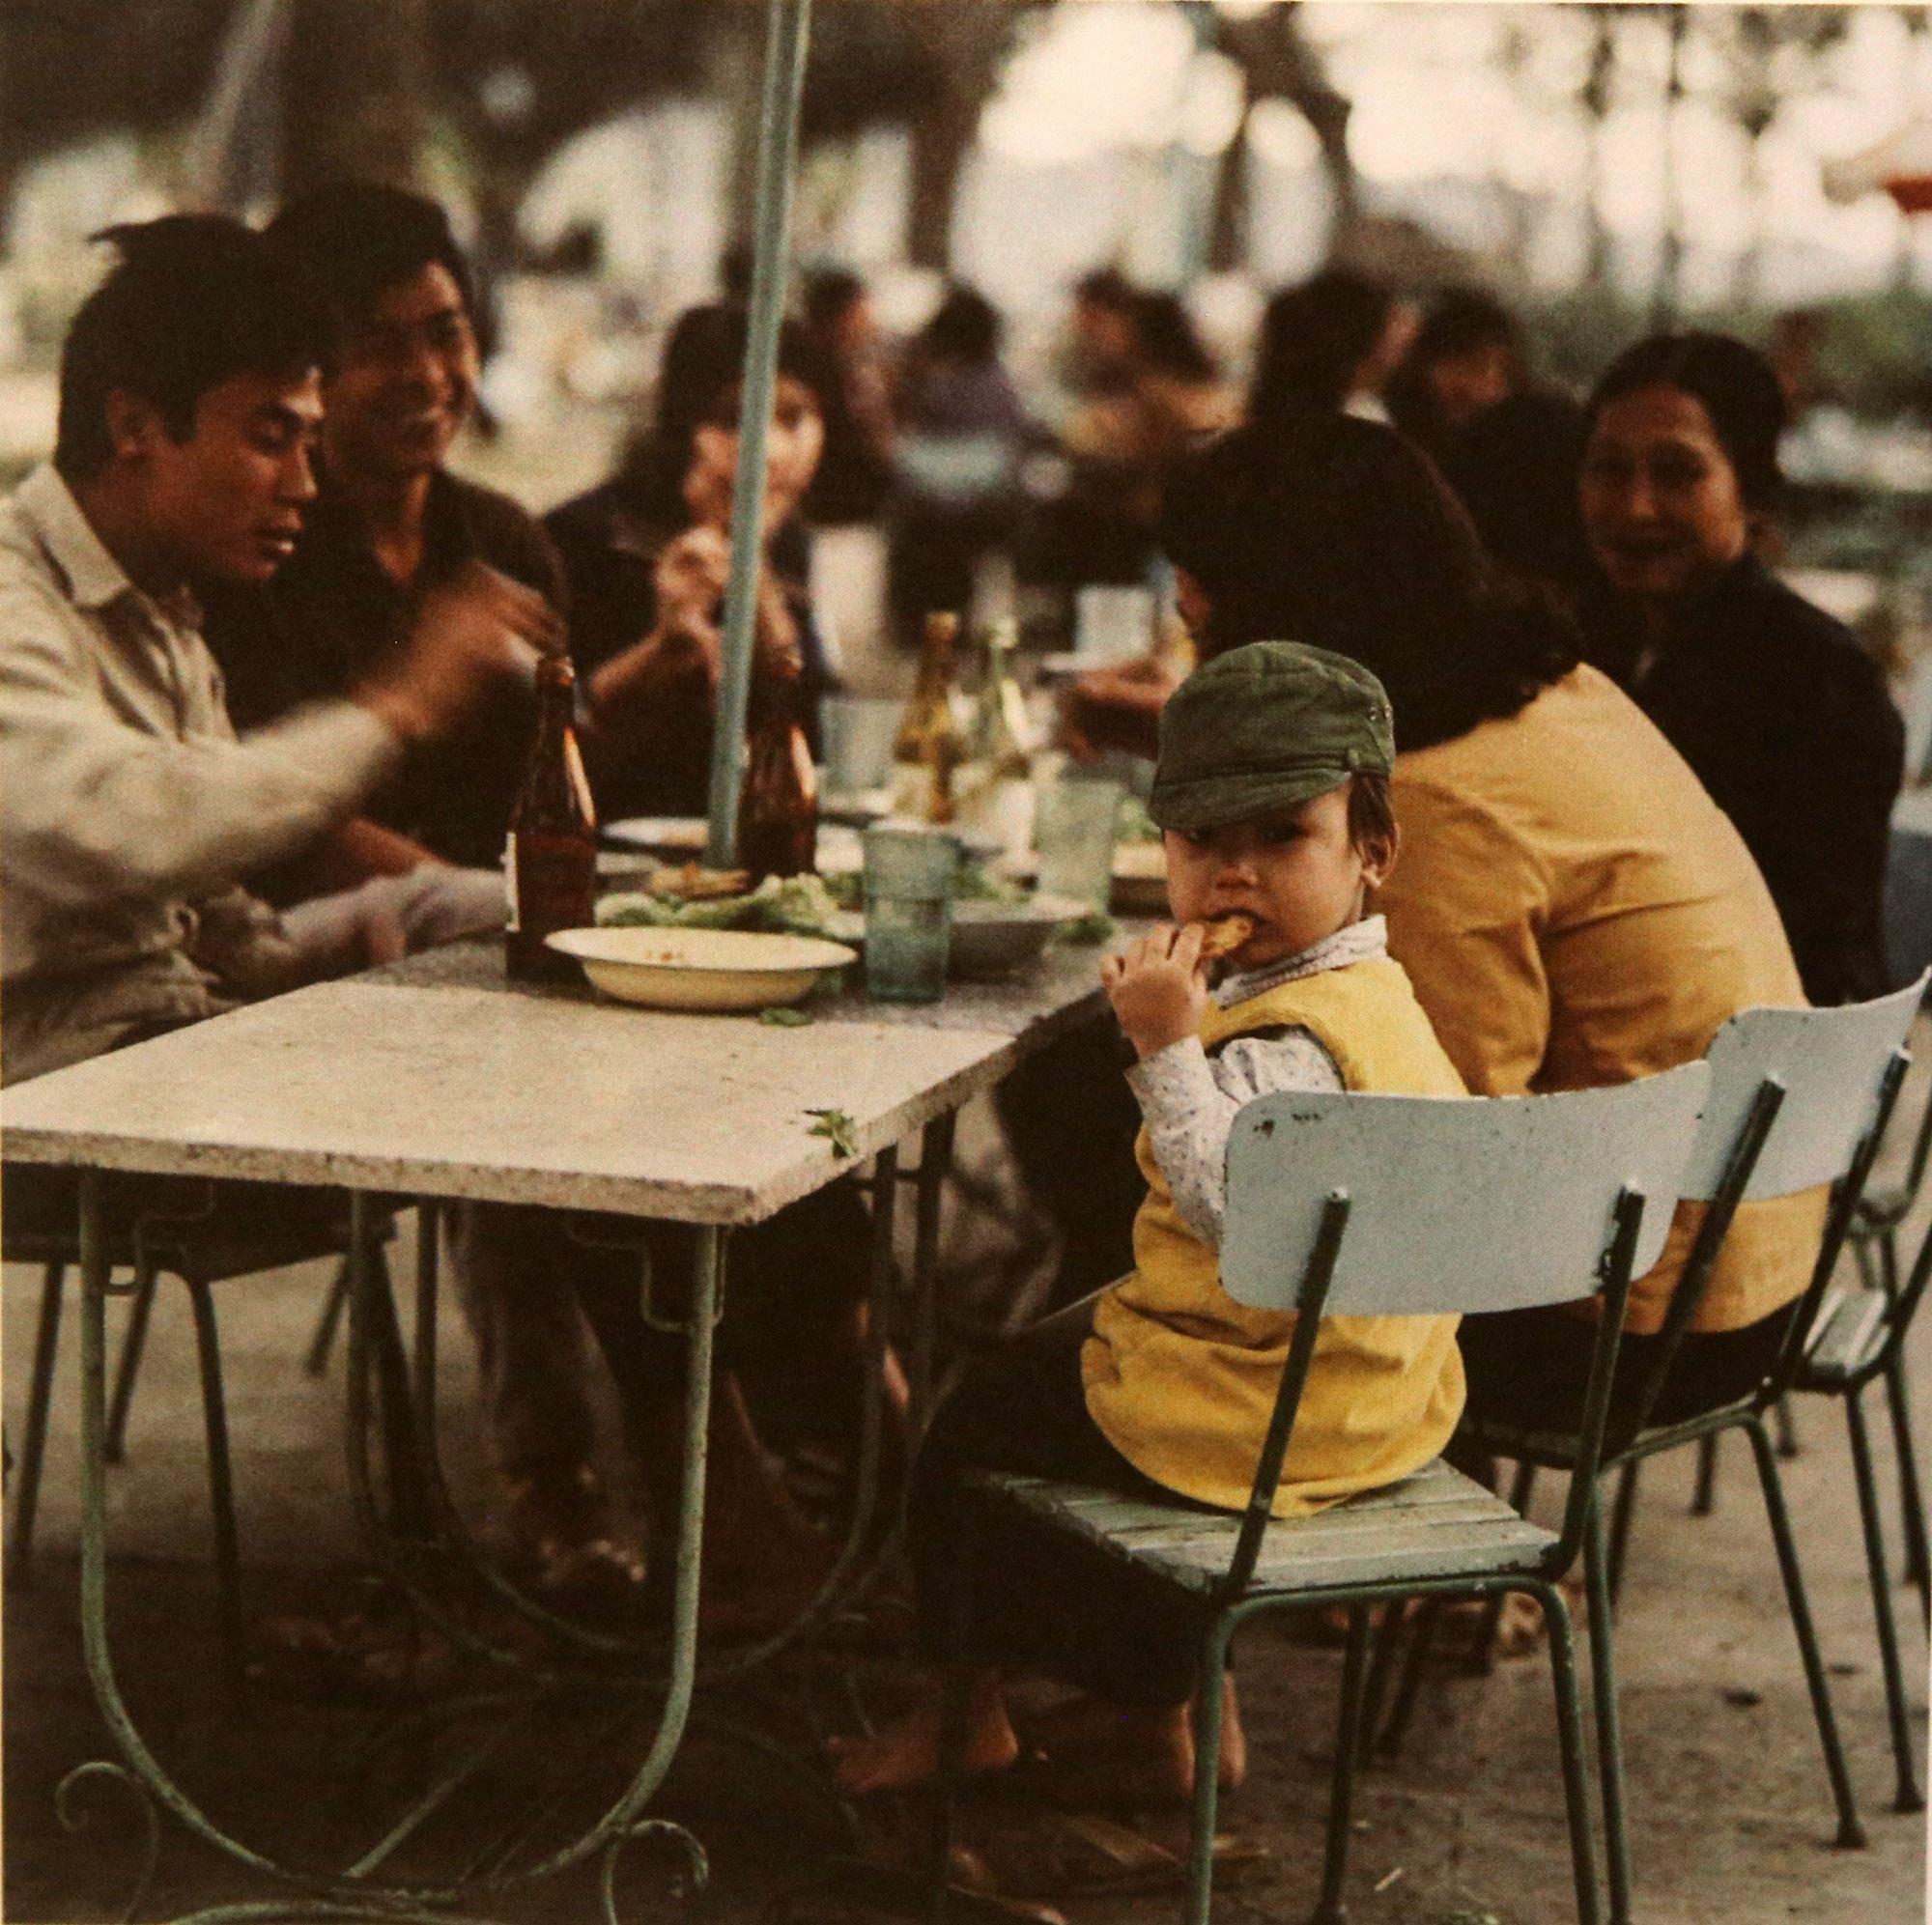 Hình ảnh quý về Hà Nội thời gian khó của nhiếp ảnh gia người Đức - 20